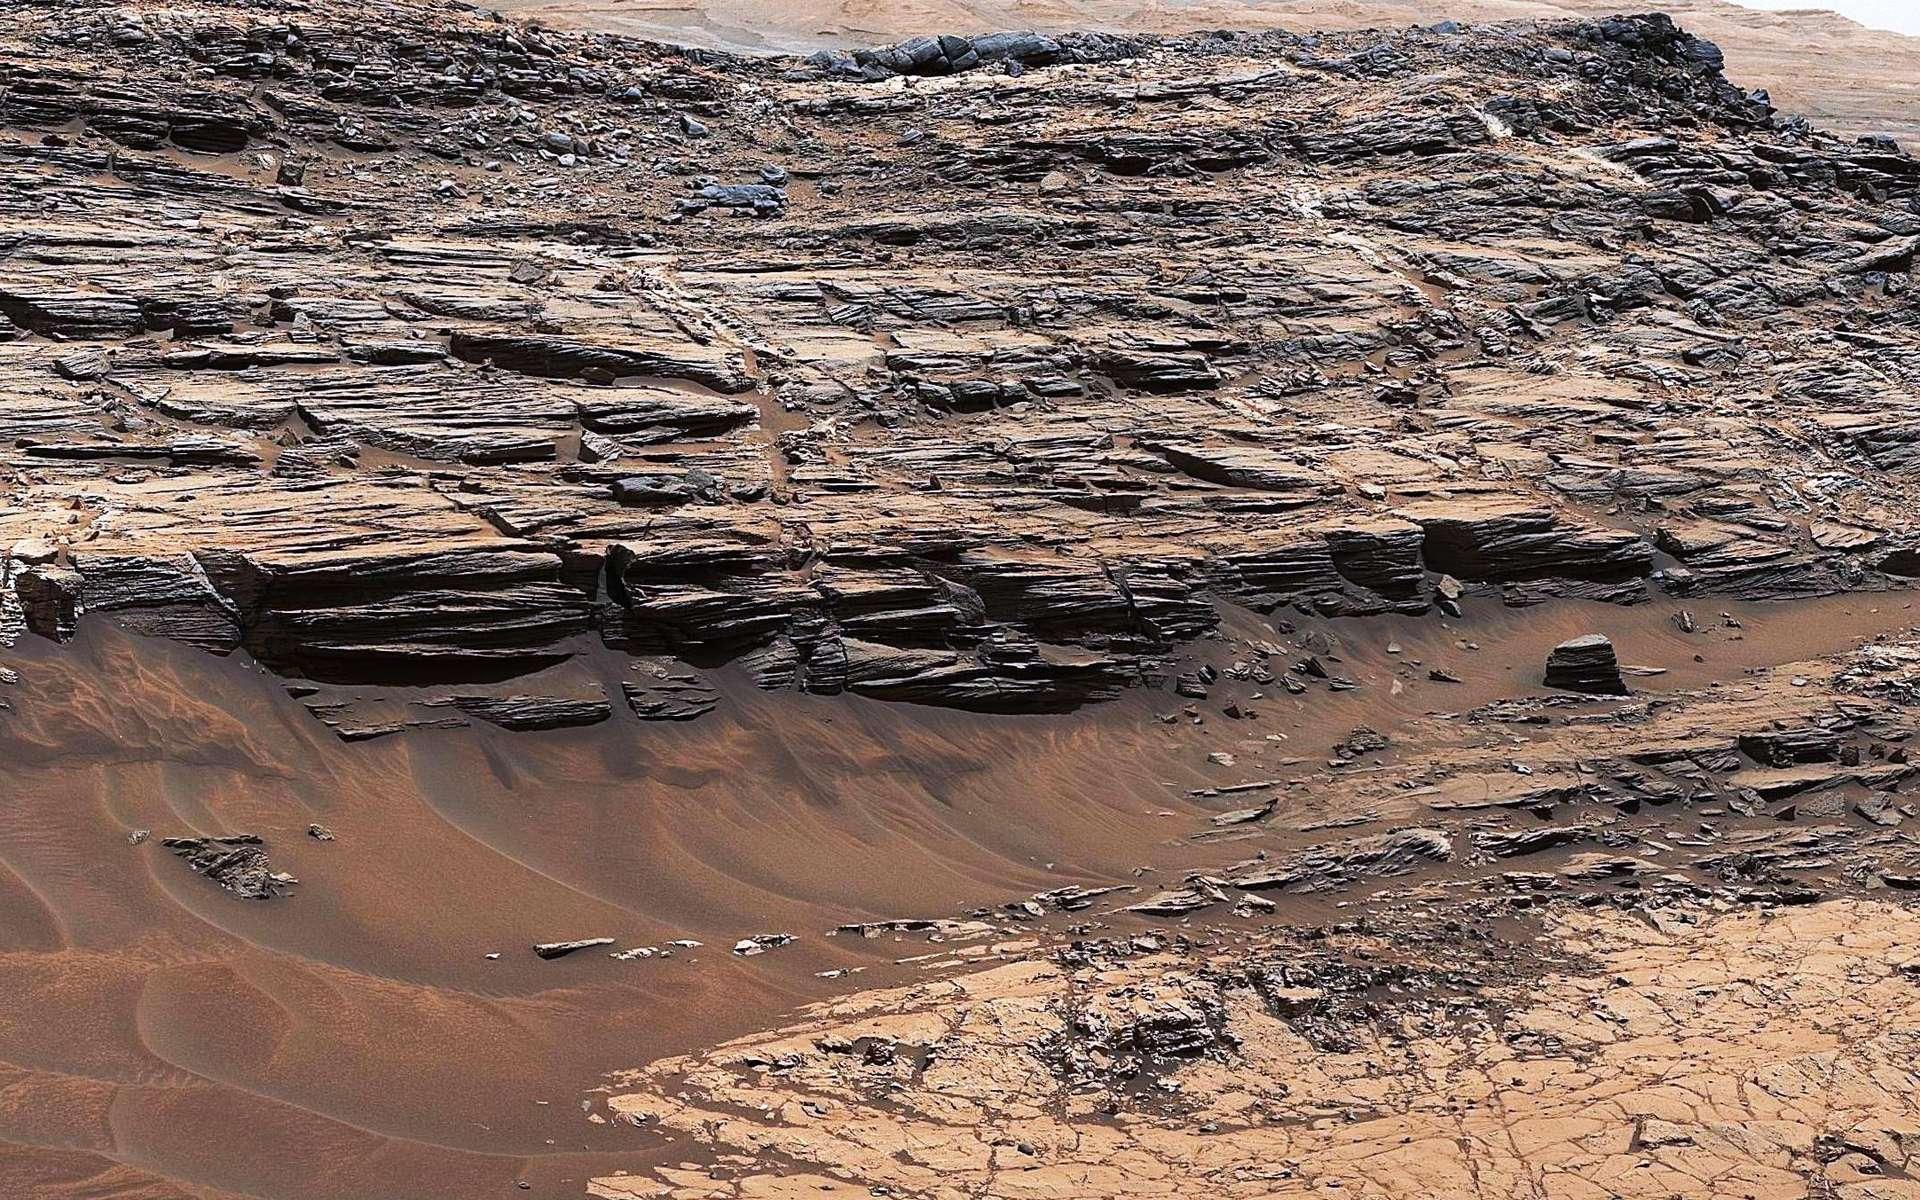 Un détail d'une image capturée sur Mars par le robot Curiosity de la NASA montrant des couches sédimentaires exposées de mudstone et de grès en contact les unes avec les autres. © Nasa / JPL-Caltech / MSSS